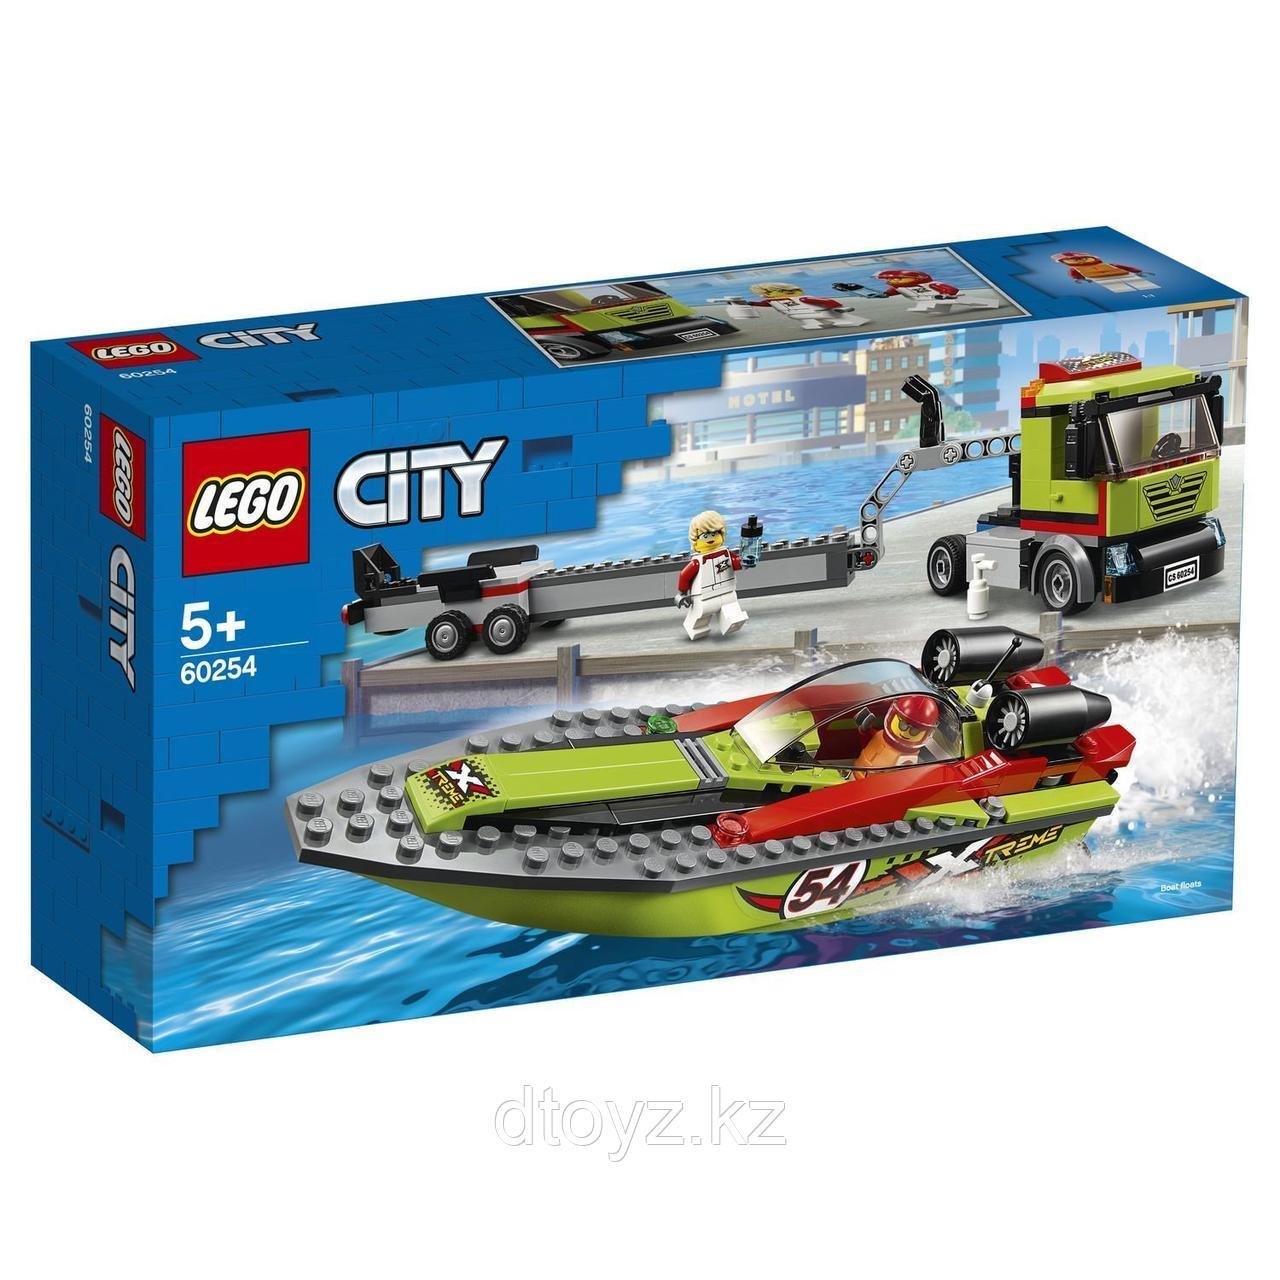 Lego City 60254 Great Vehicles ранспортировщик скоростных катеров